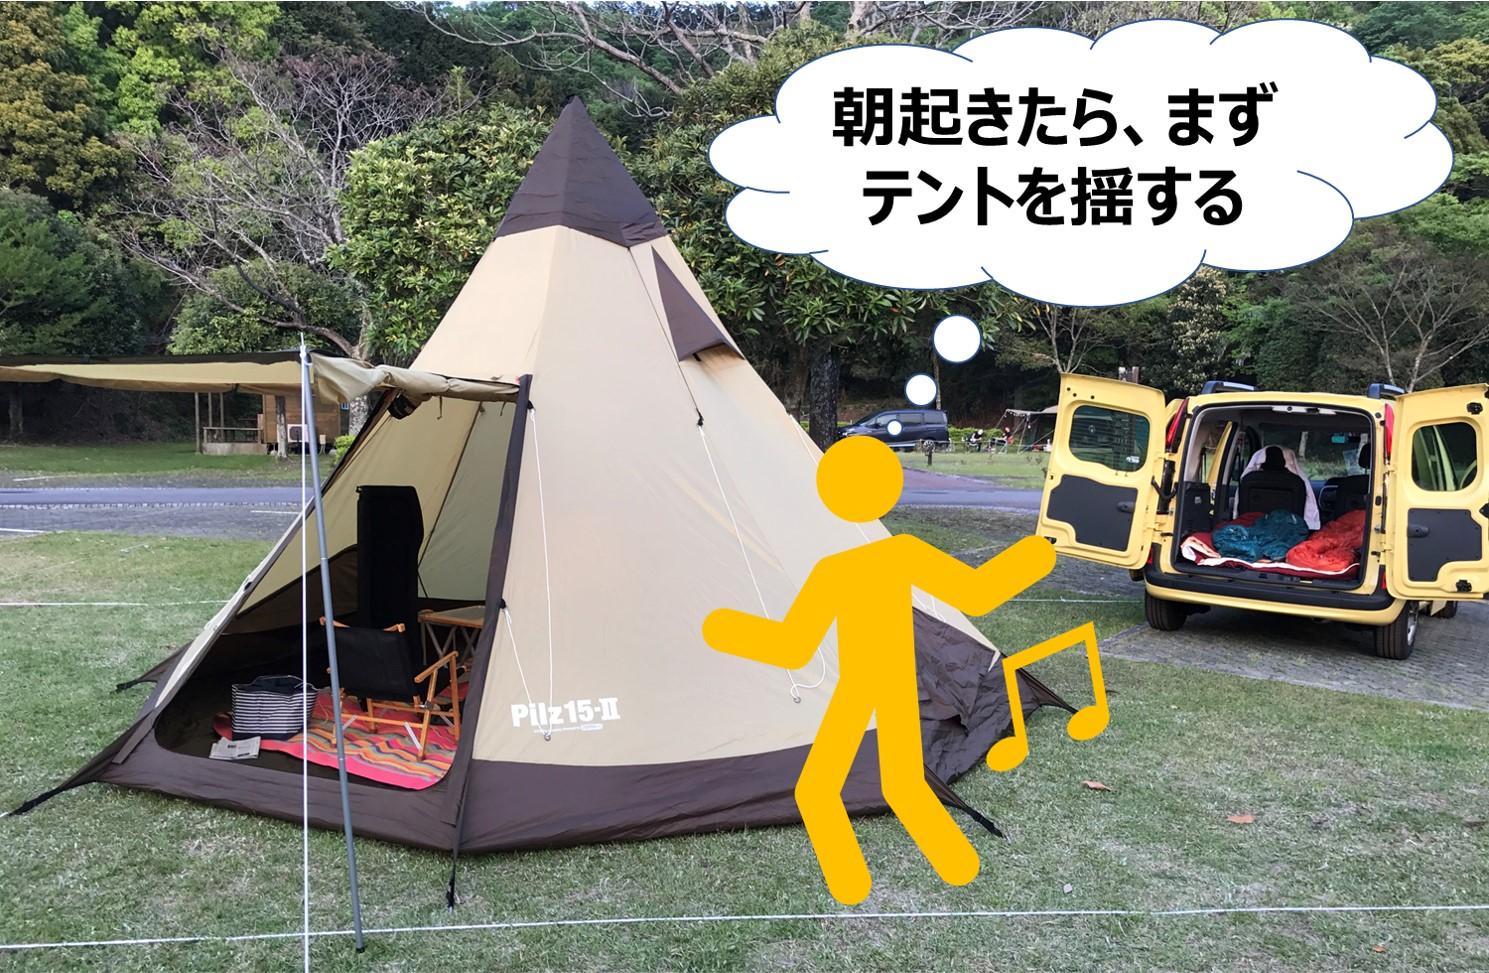 朝起きたらテントを揺する